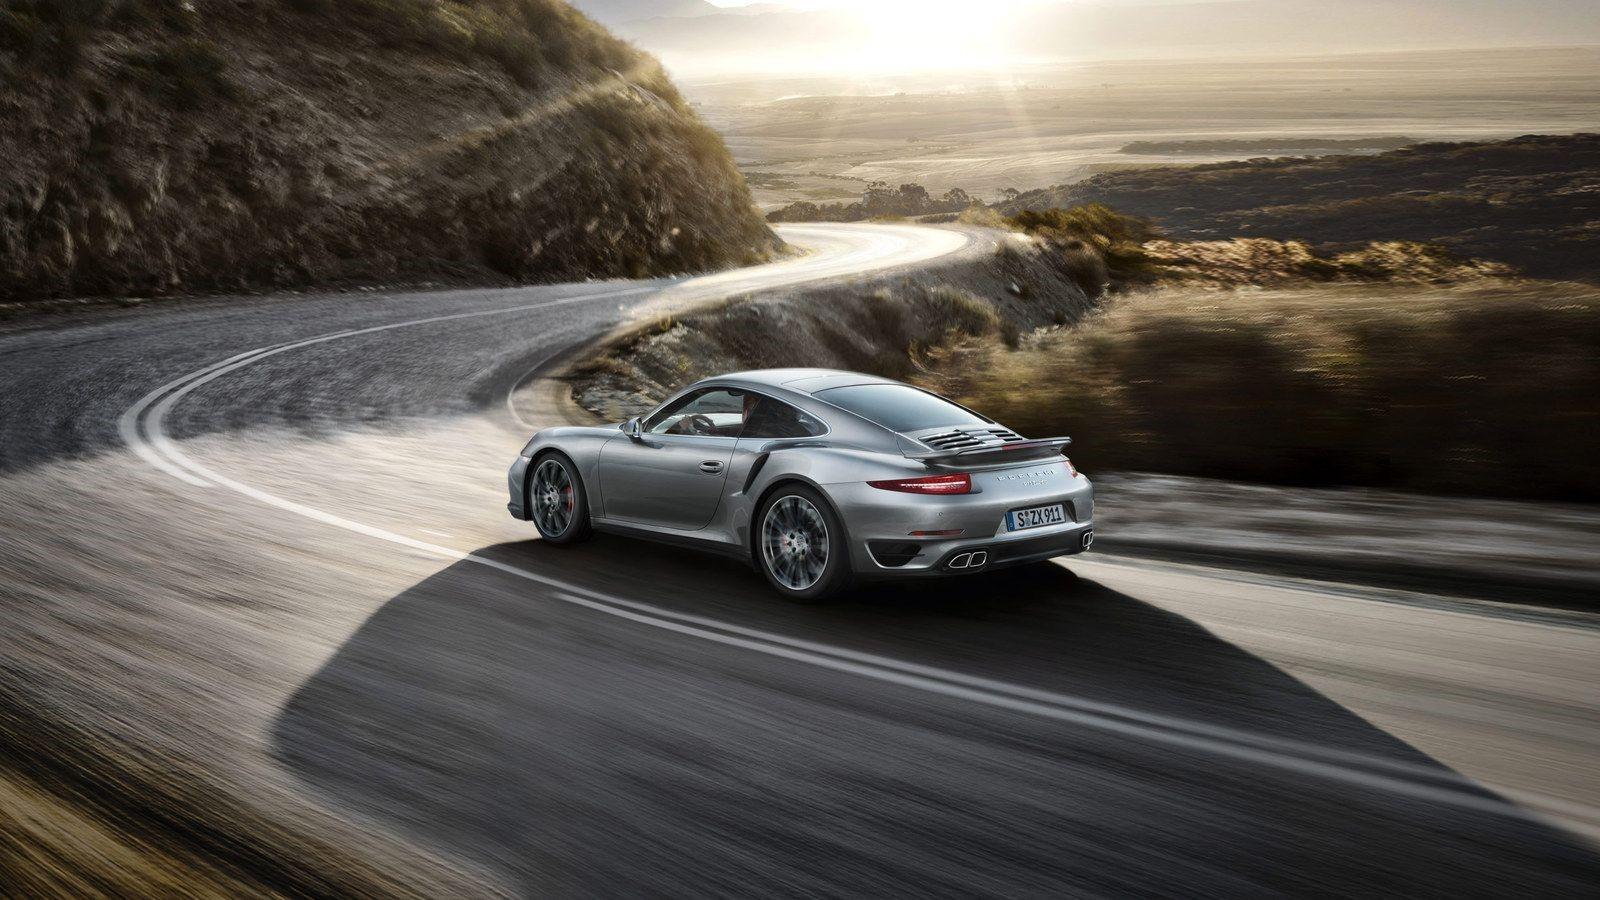 Porsche Mobile Wallpapers